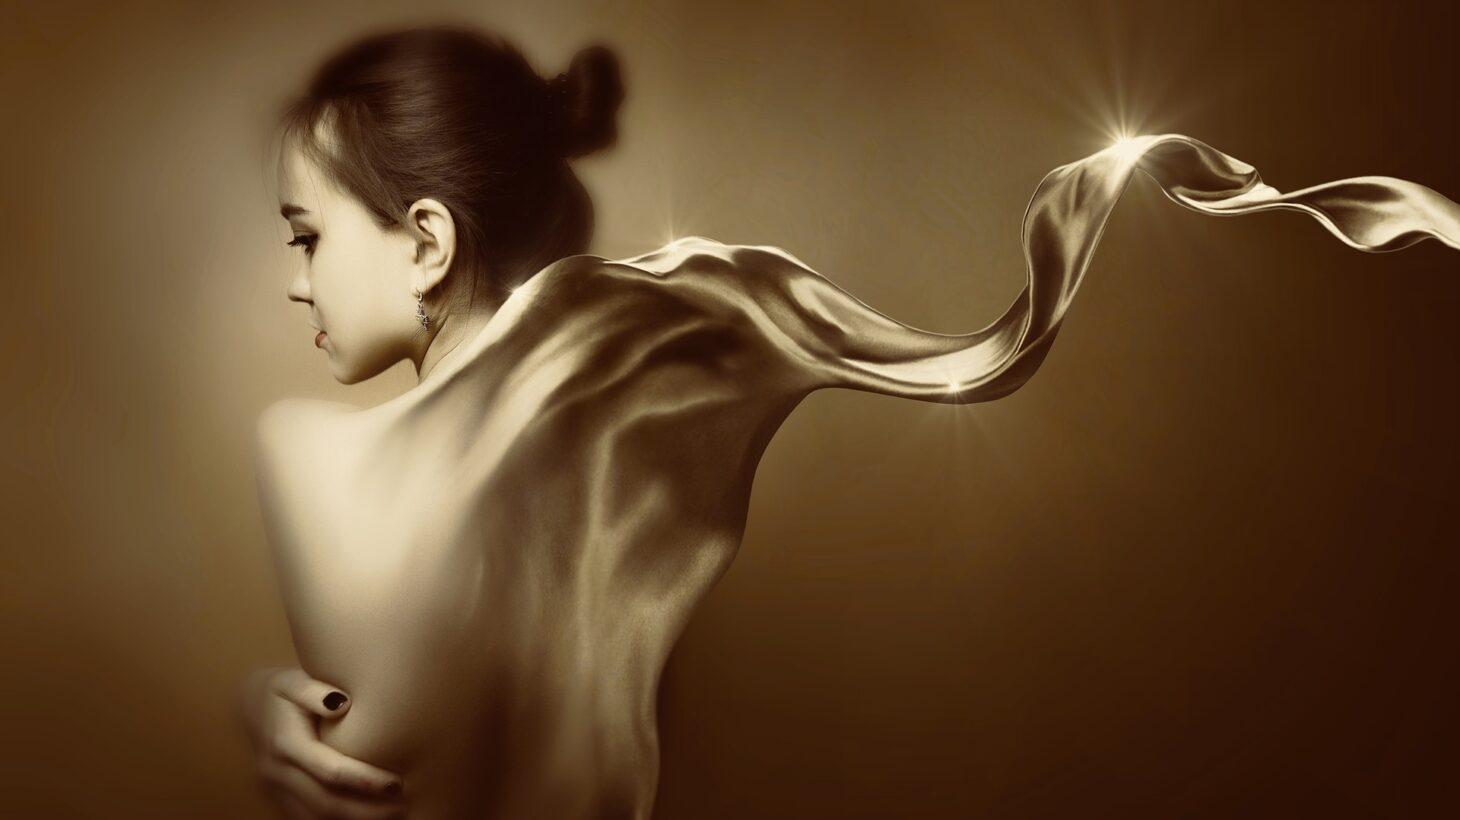 Redigerad bild i sepiaton på flicka med surrealistisk glänsande sjal.